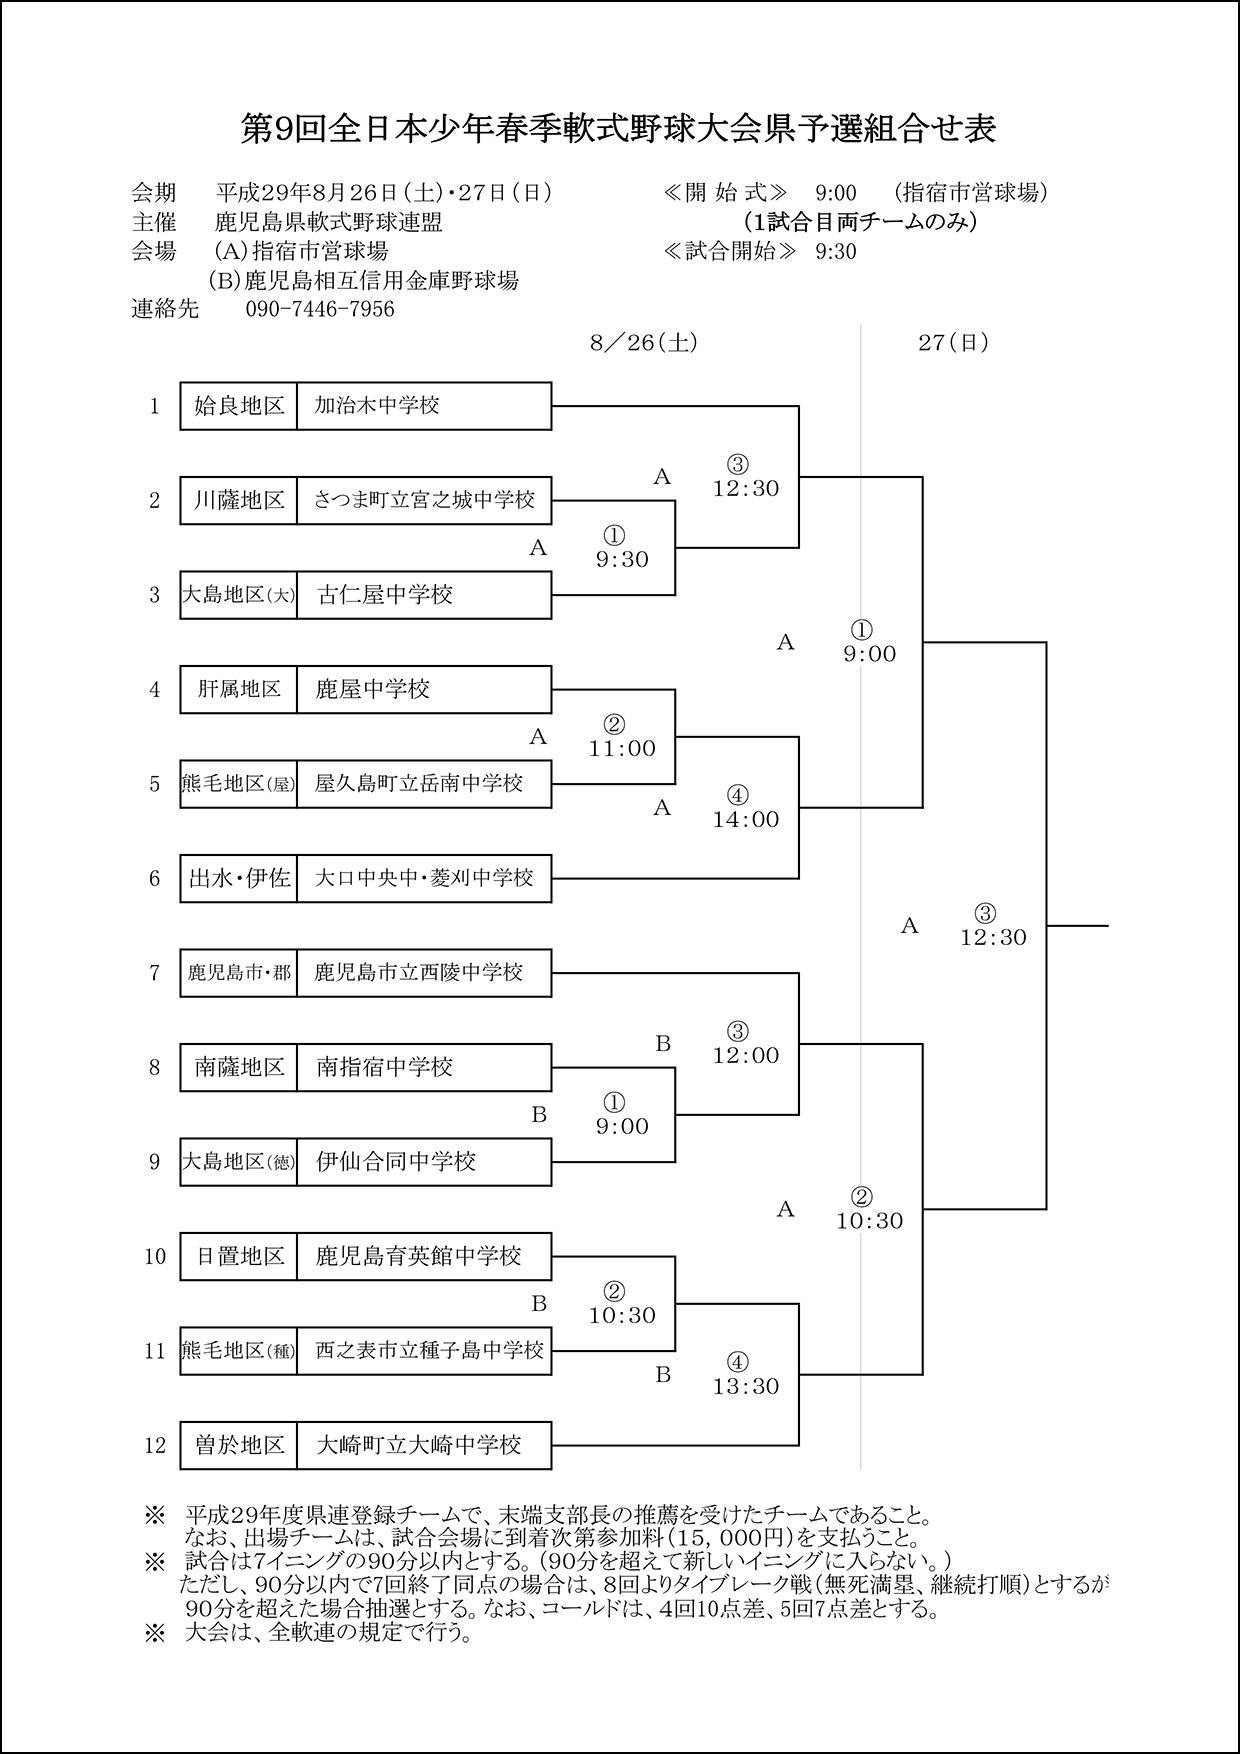 【組合せ】第9回全日本少年春季軟式野球大会県予選組合せ表